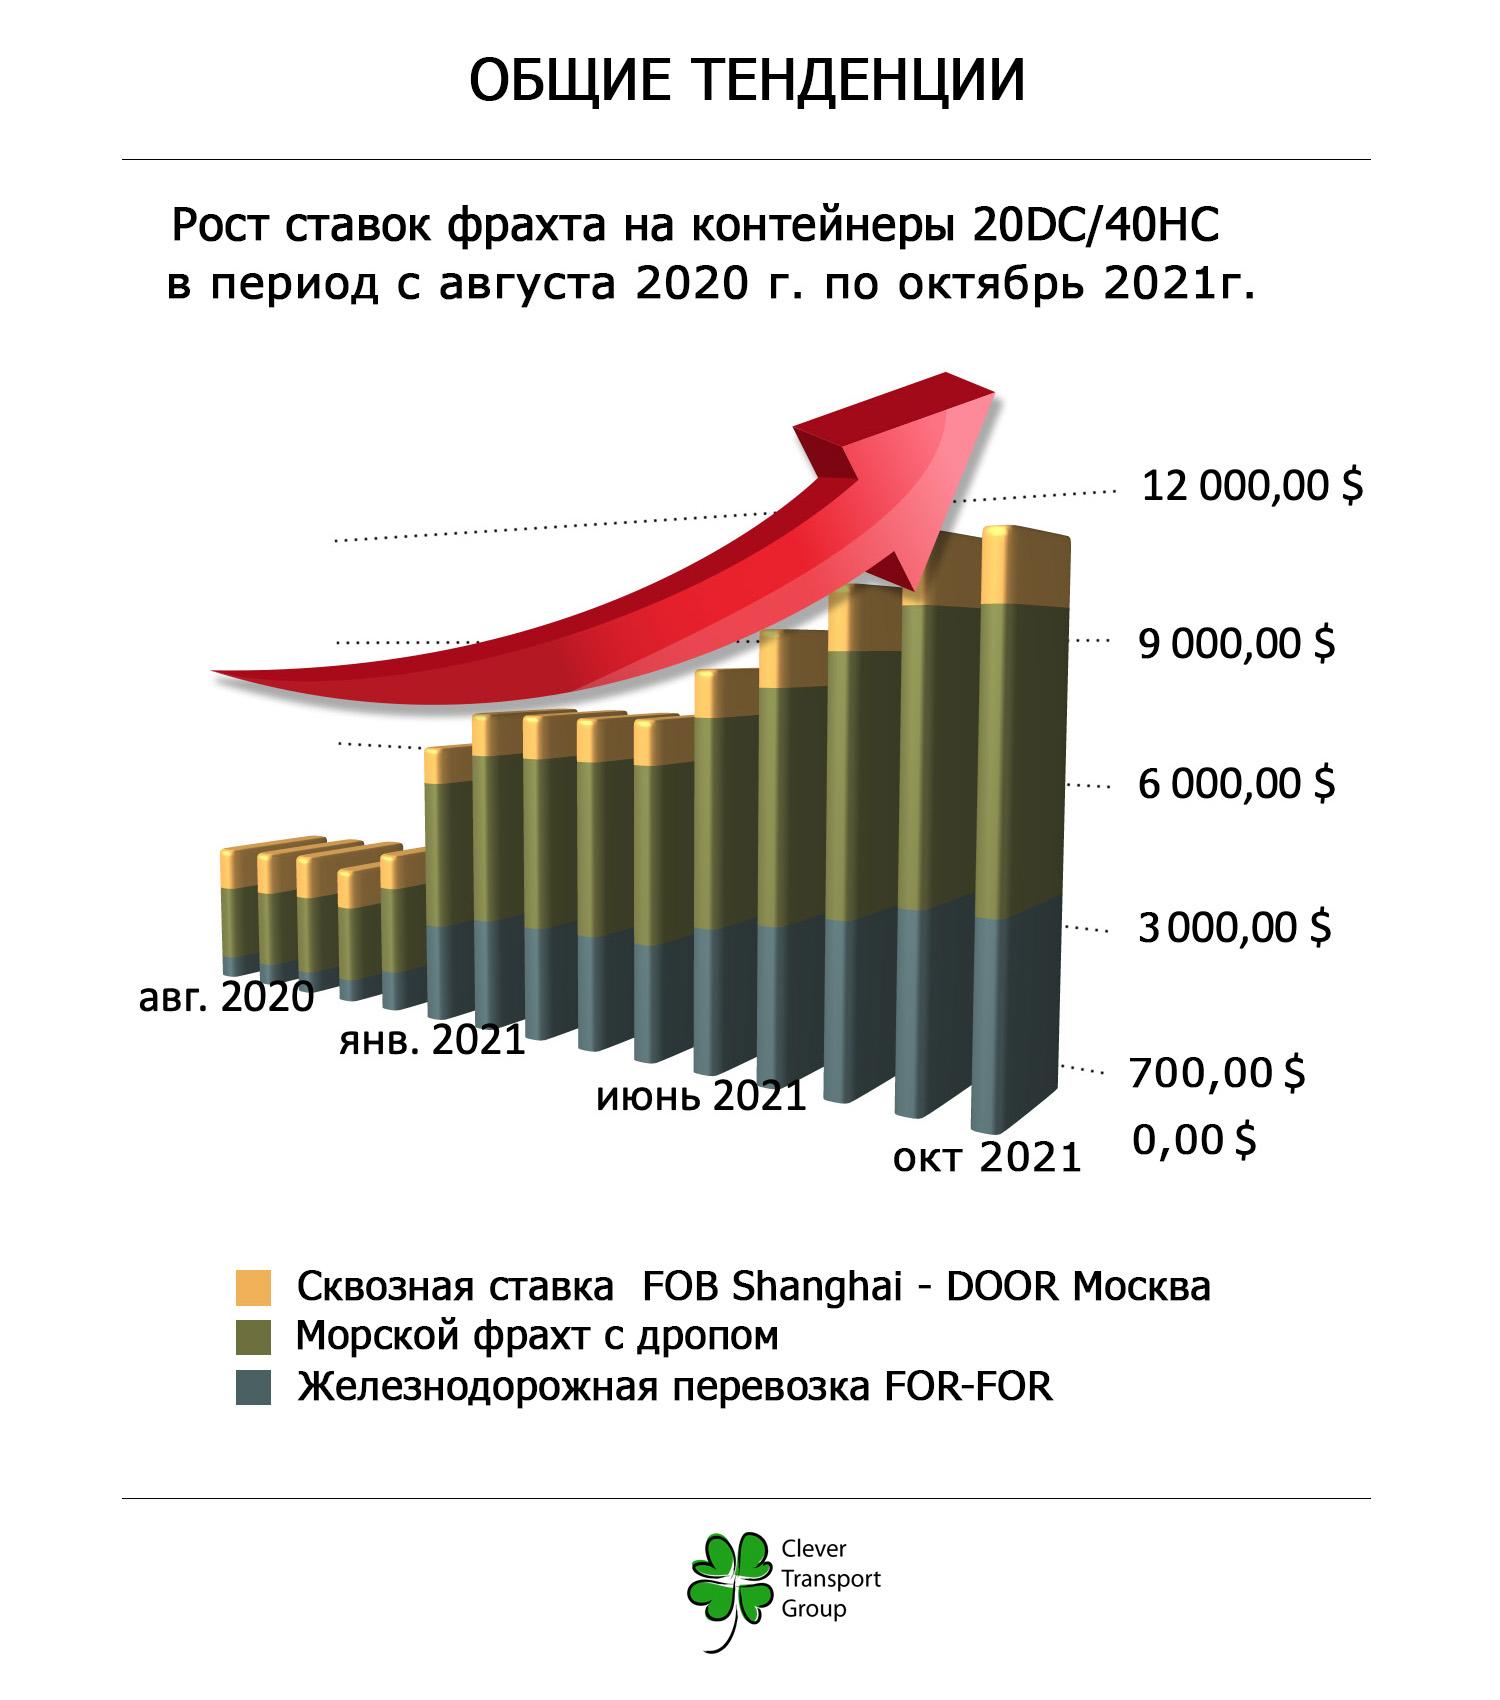 Рост ставок на фрахт по направлению: Шанхай – Владивосток – Москва с авг. 2020 по окт. 2021 г.